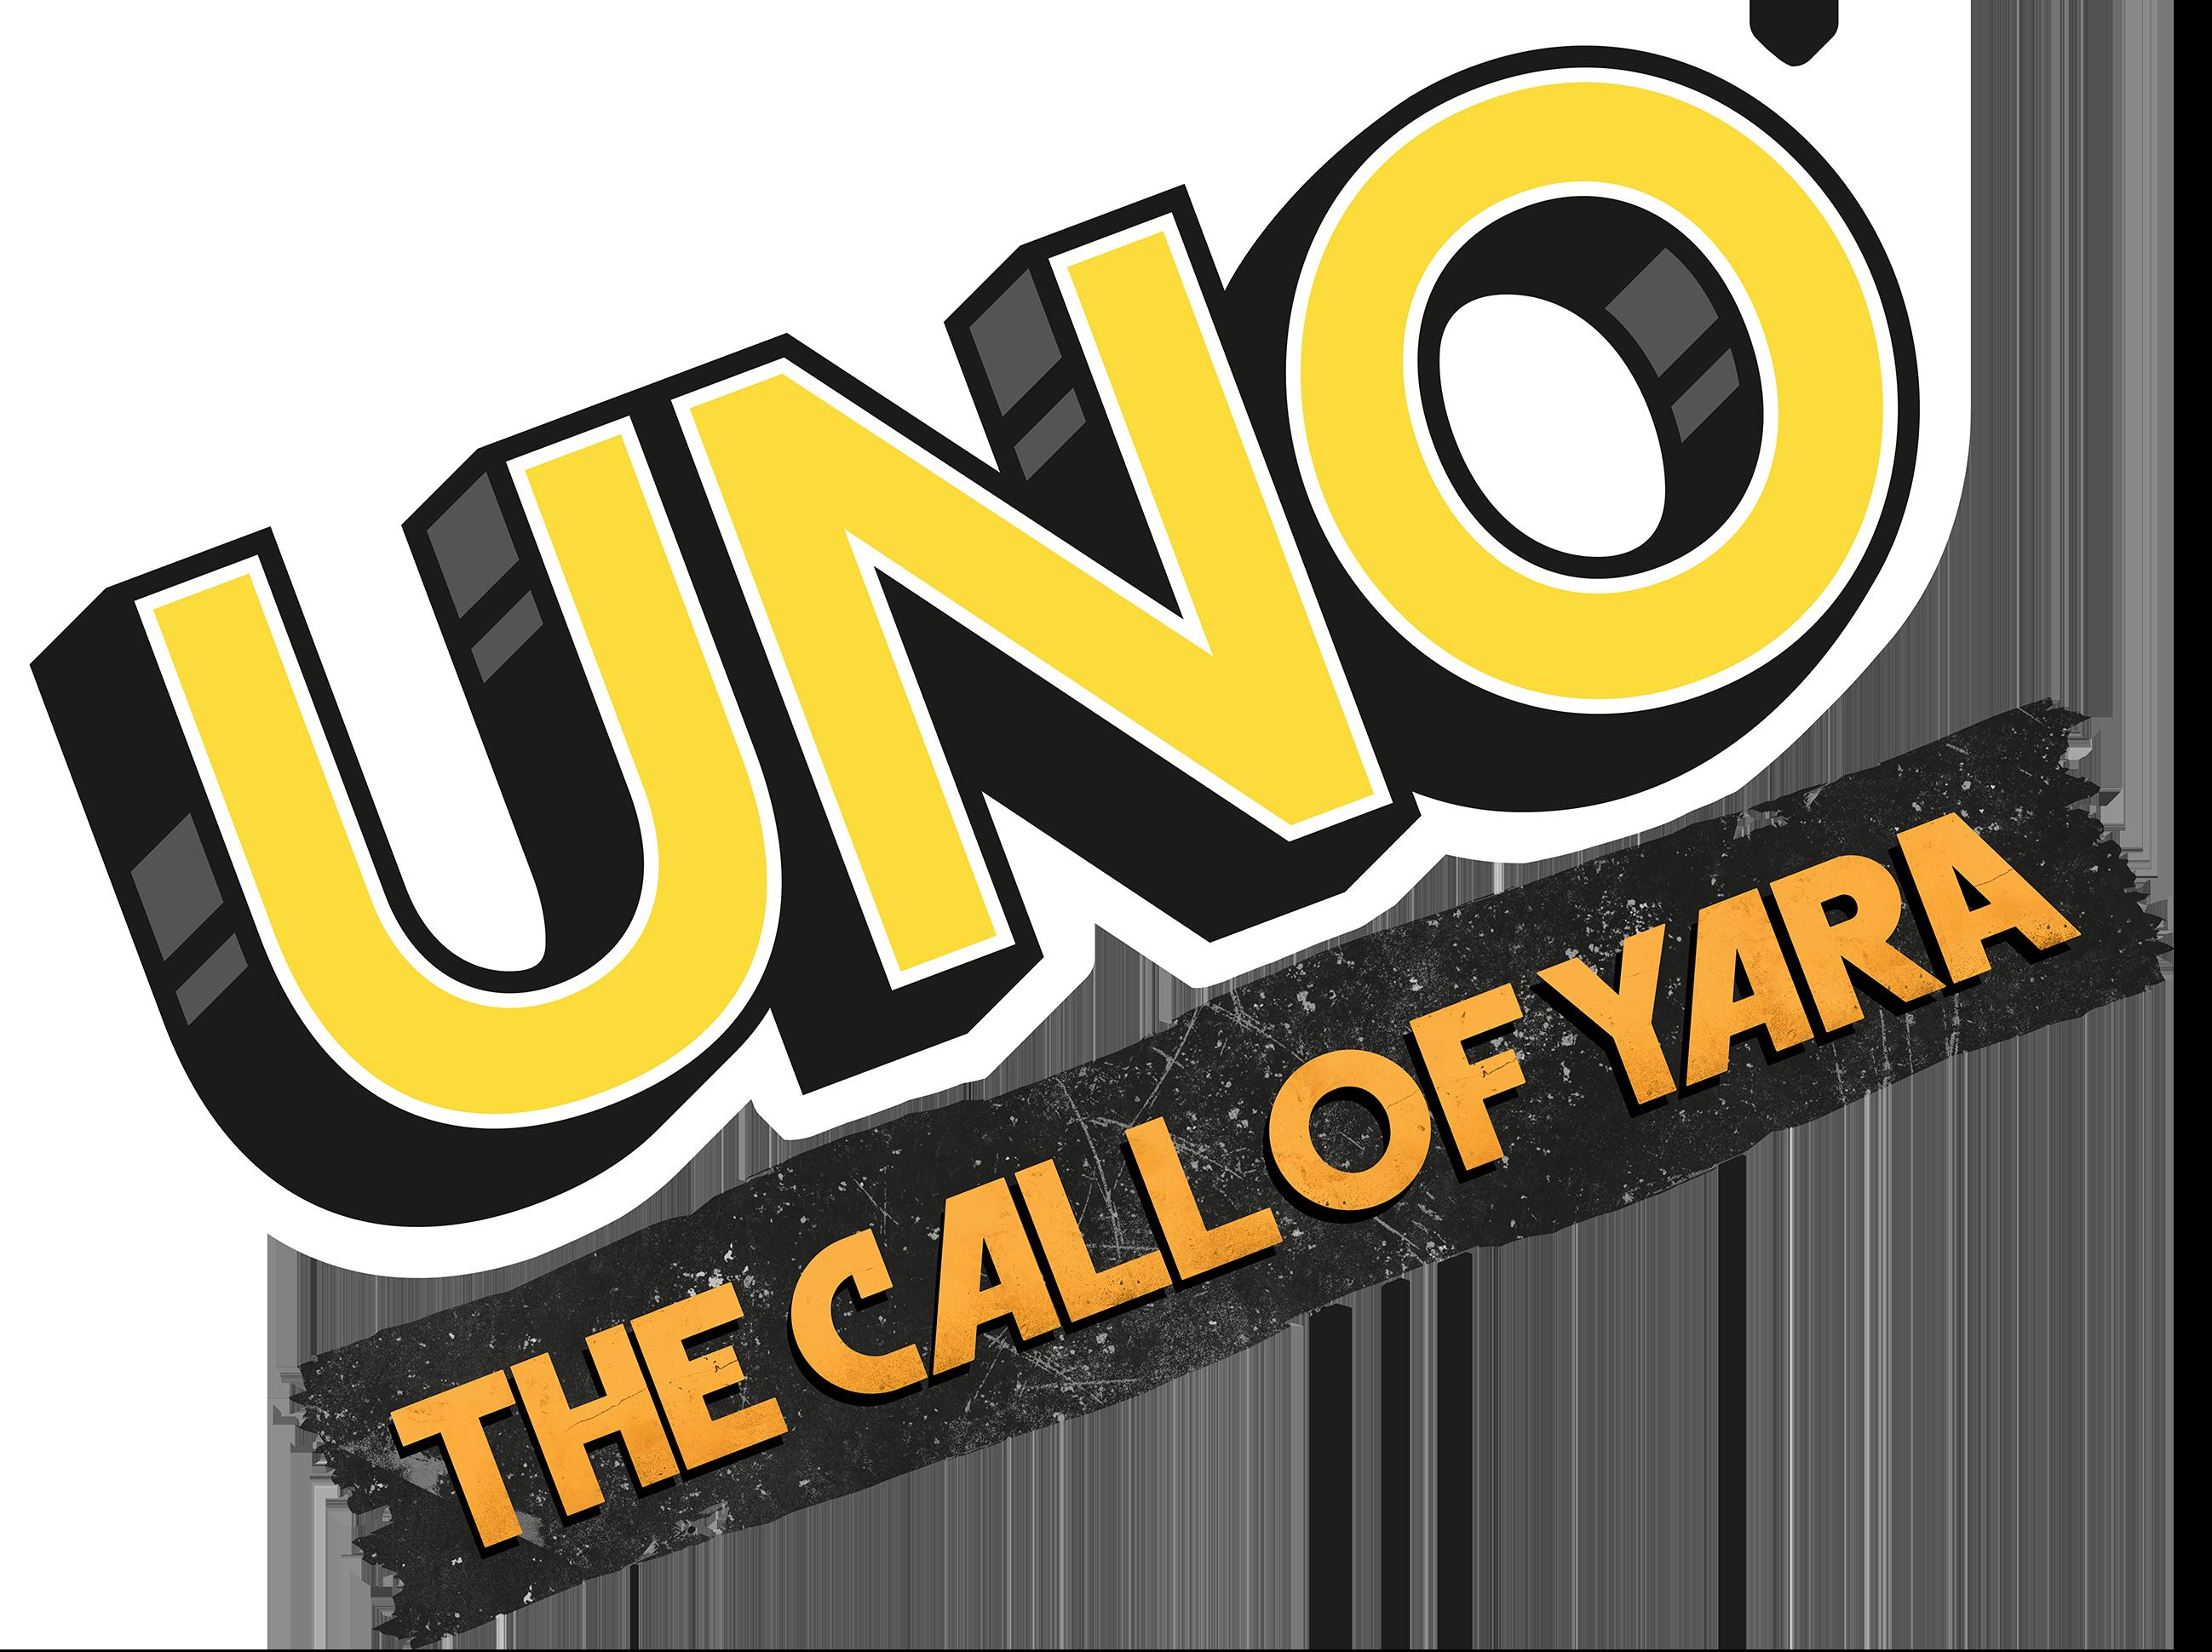 Gioca a The Call of Yara in UNO®, presentato oggi da Mattel e Ubisoft con una nuova modalità di gioco